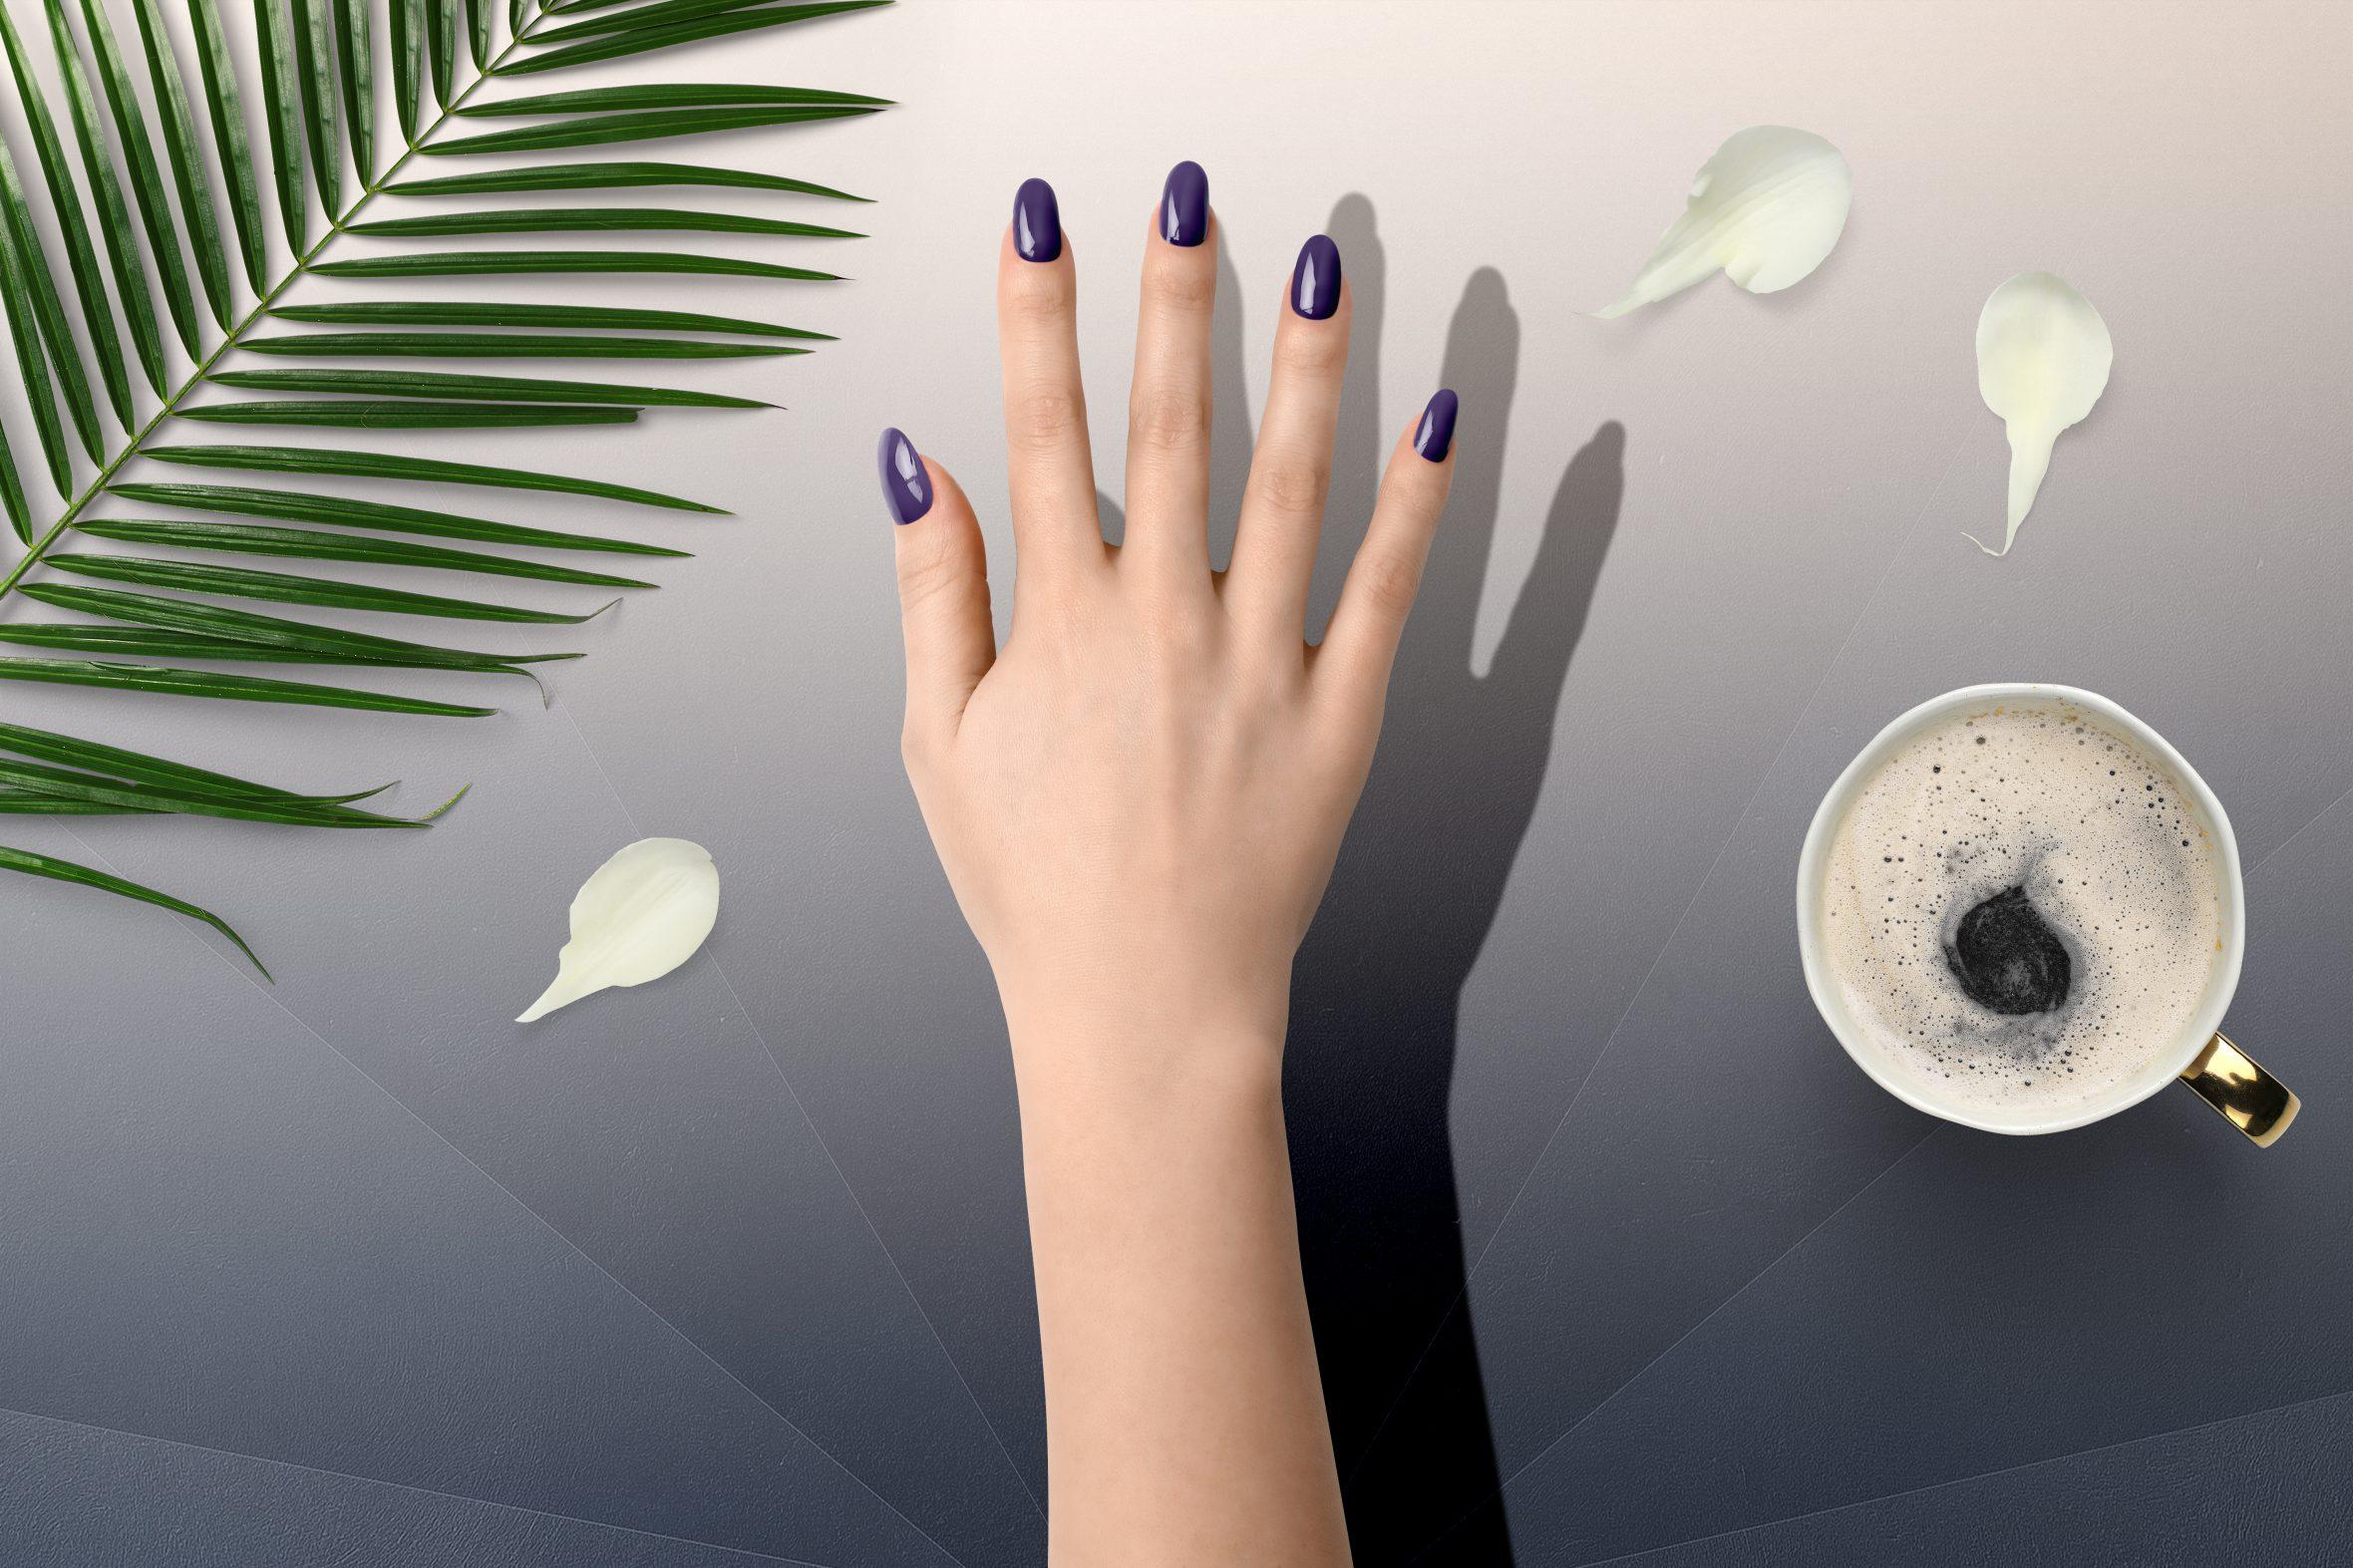 Paars metallic nagellak uit de Herôme nagellak collectie